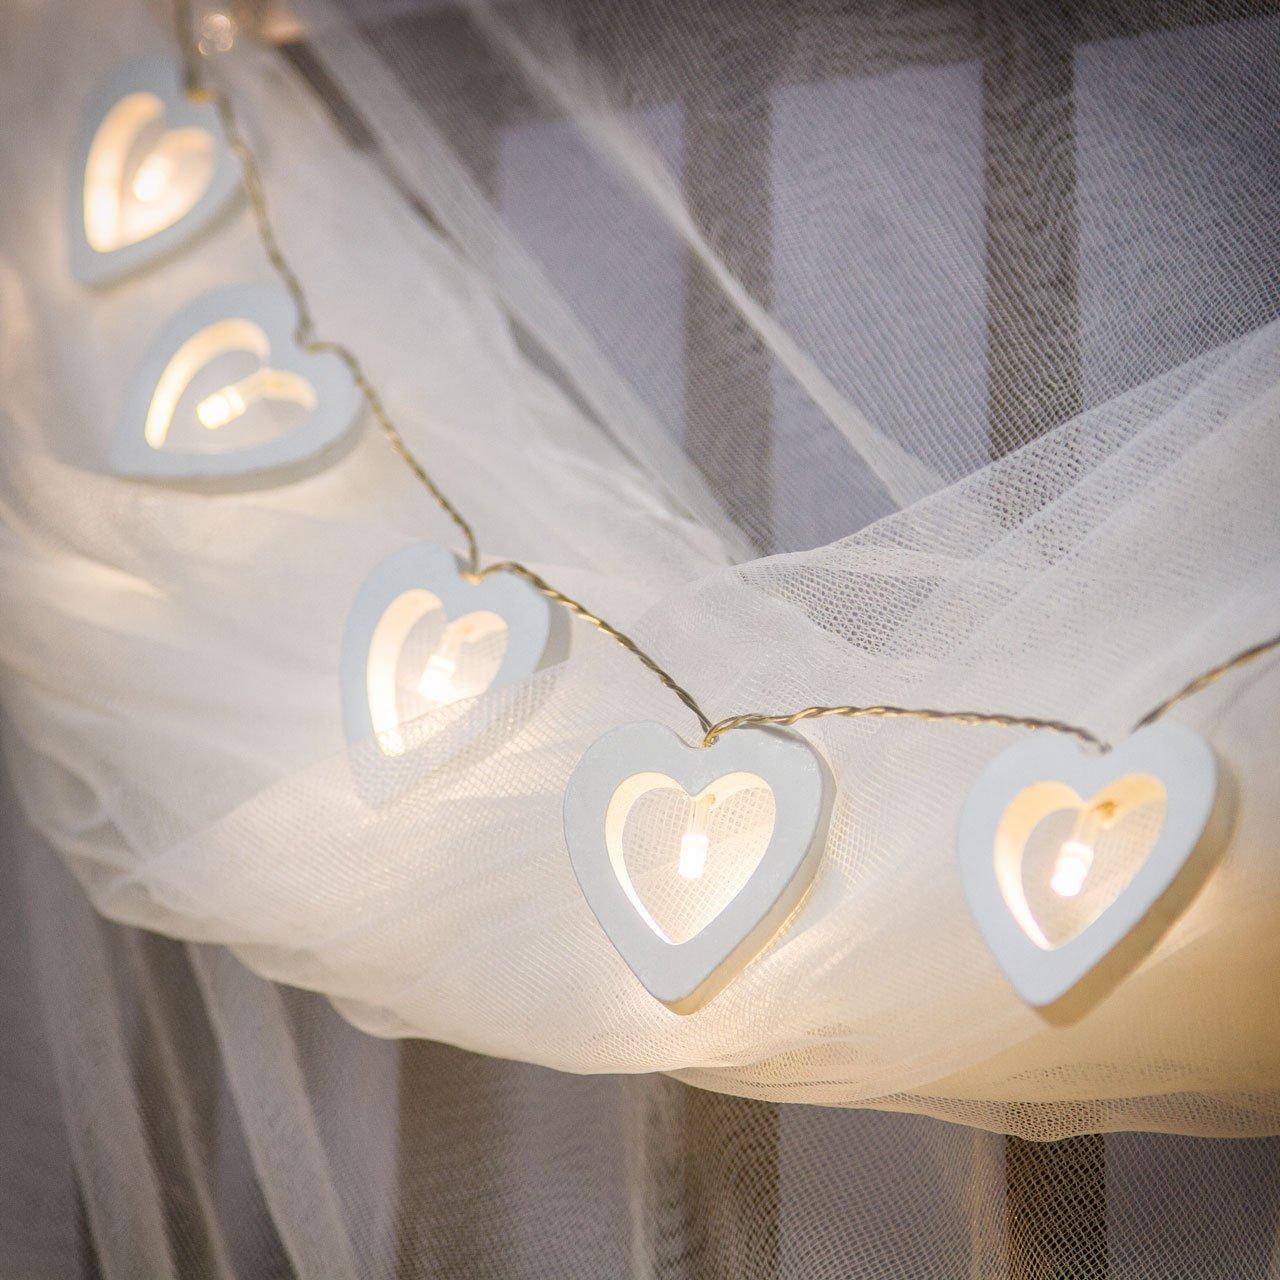 Catena a batteria 1,35 m, 10 cuori in legno bianco Ø 55 mm, led bianco caldo, luce fissa e flashing, luci per albero di Natale, decorazione natalizia Luminalpark Lottiimportex